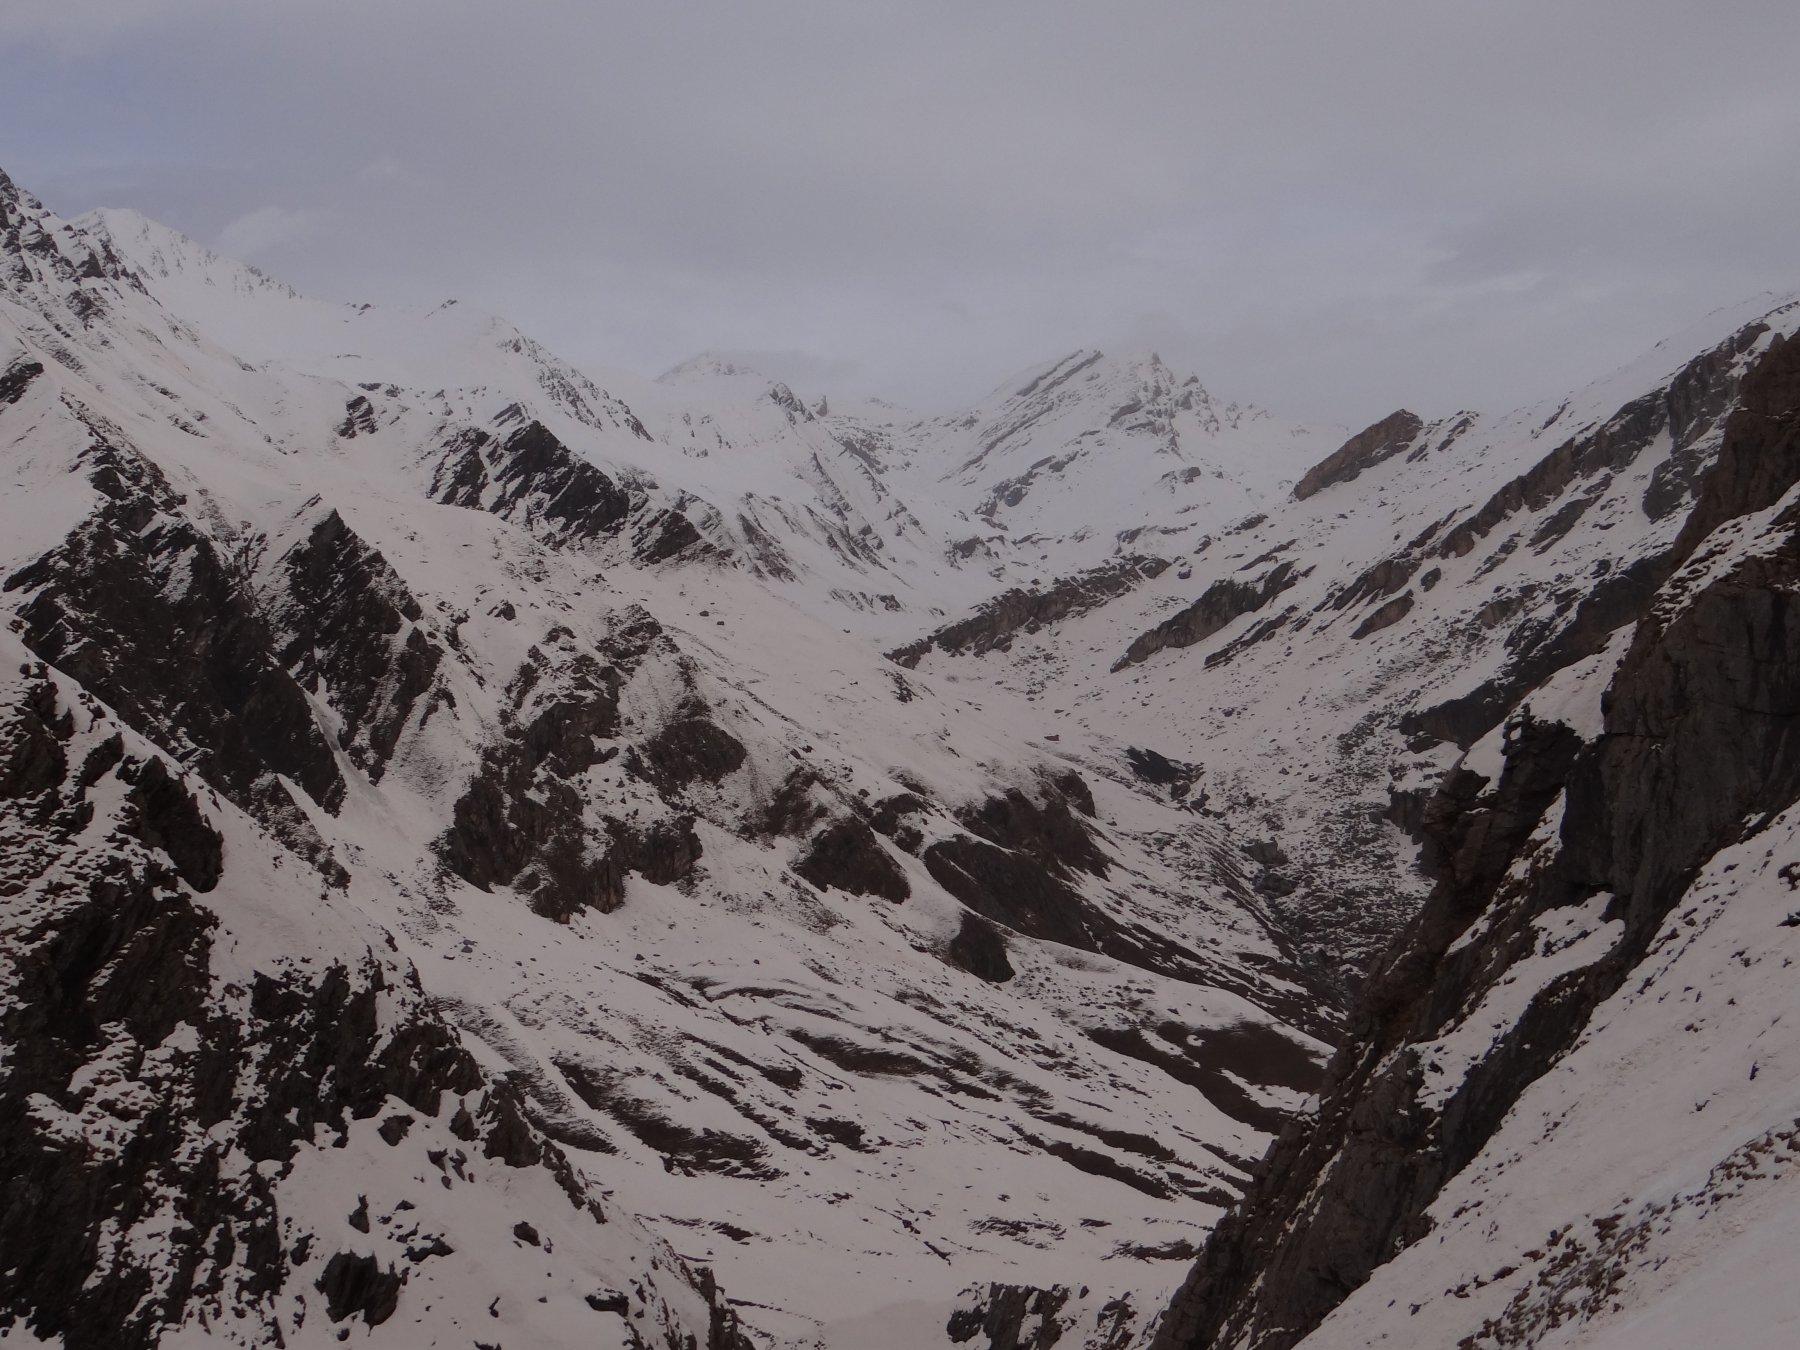 Panoramica scattata durante la salita in direzione del Monte Mongioia e del Monte Salza